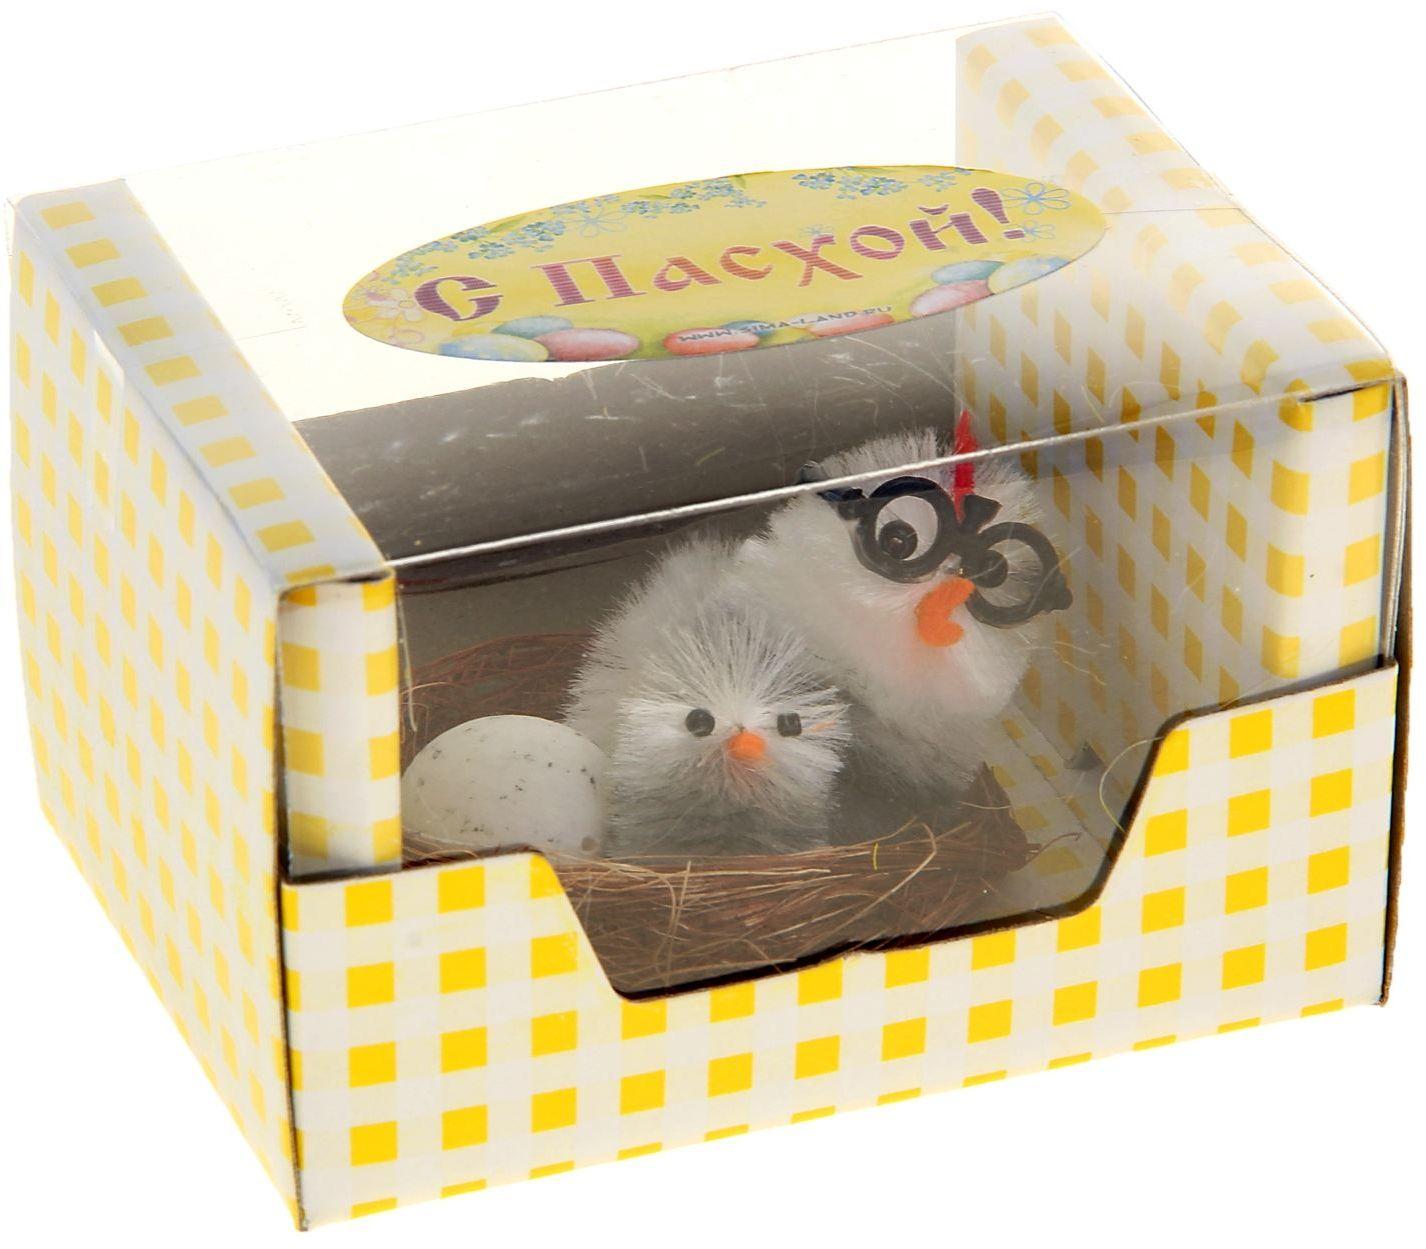 Сувенир пасхальный Sima-land Цыпа в очках с цыпленком и яйцом968070Дарить подарки на Пасху – это такая же традиция, как красить яйца и выпекать куличи. Презенты вдвойне приятнее, если они несут в себе сакральный смысл и имеют какое-то значение.Сувенир Цыпа в очках с цыпленком и яйцом - это символ возрождения и непрерывности жизни. С его помощью вы сможете украсить жилище, преподнести его близкому человеку или использовать при сервировке стола всю пасхальную неделю. Кроме того, пасхальные цыплята нравятся маленьким деткам.